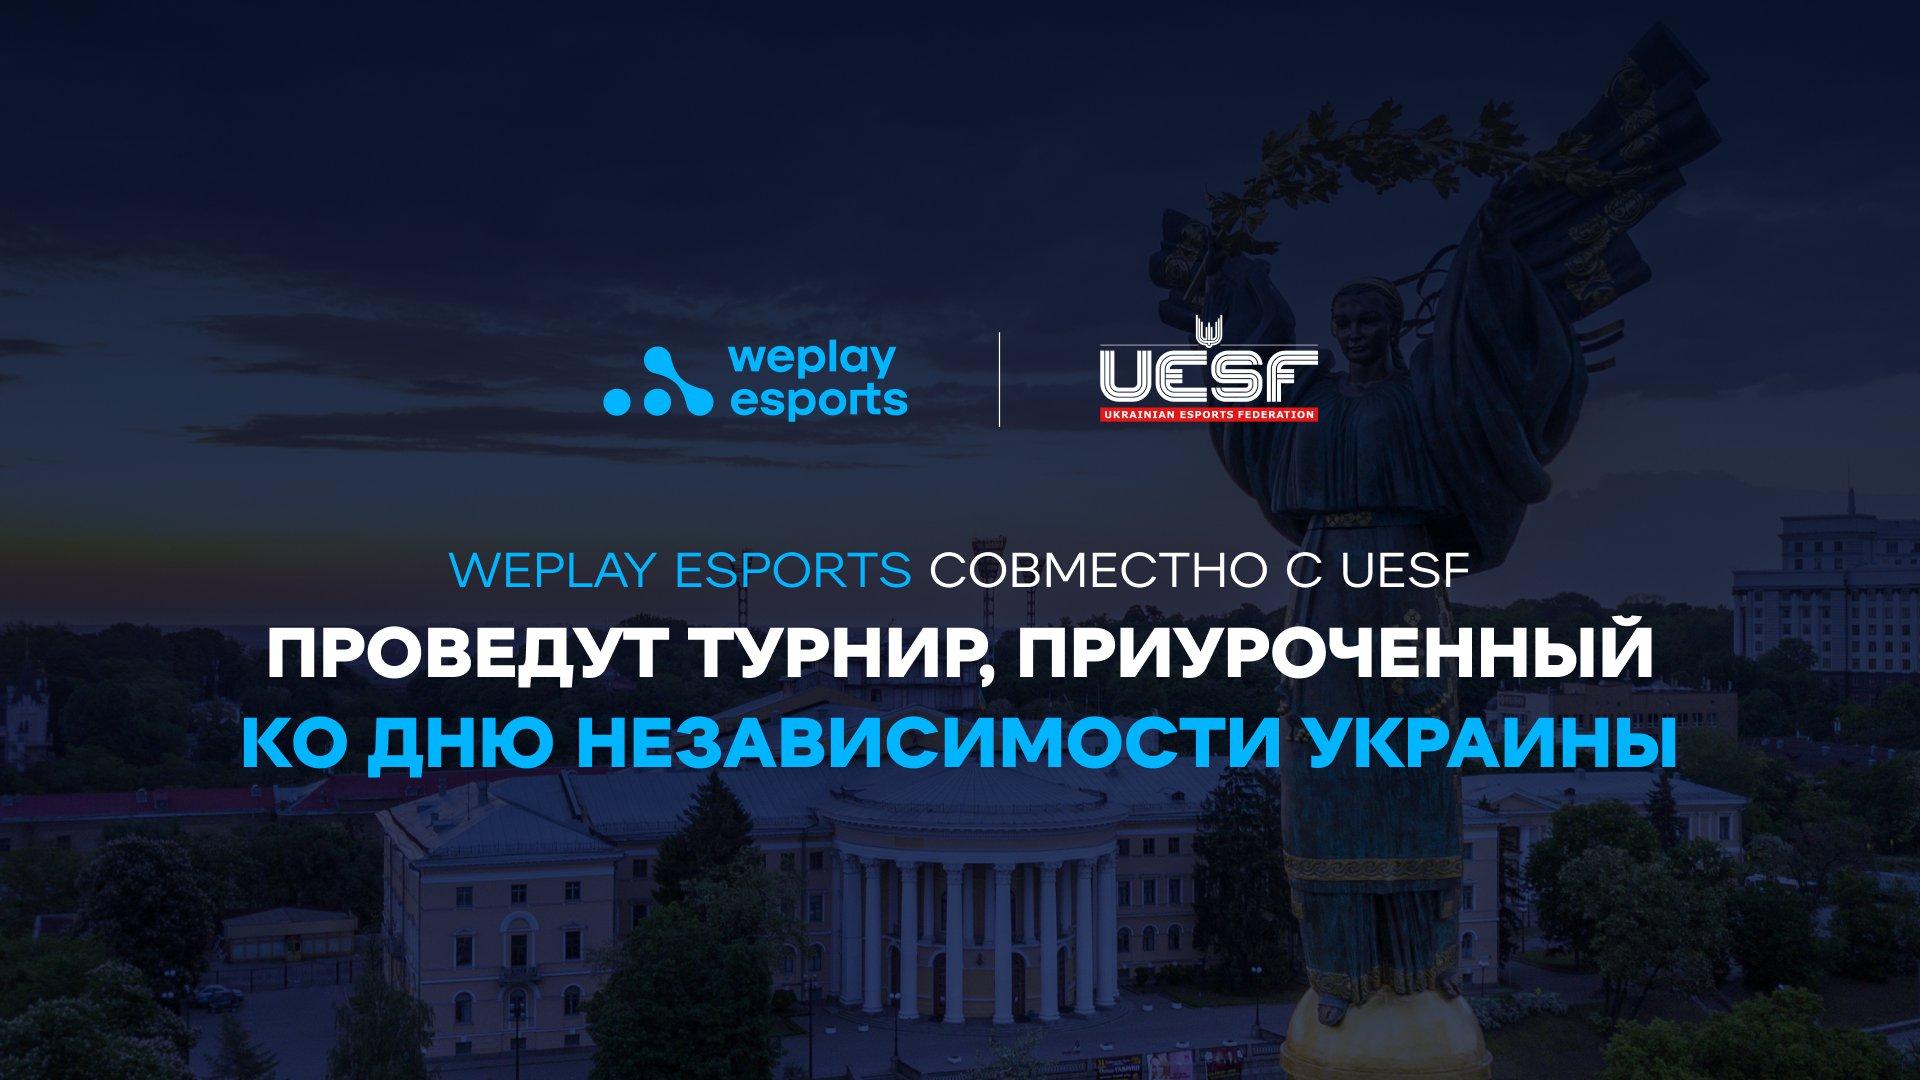 WePlay Esports совместно с UESF проведут турнир, приуроченный ко Дню Независимости Украины. Изображение: WePlay Holding